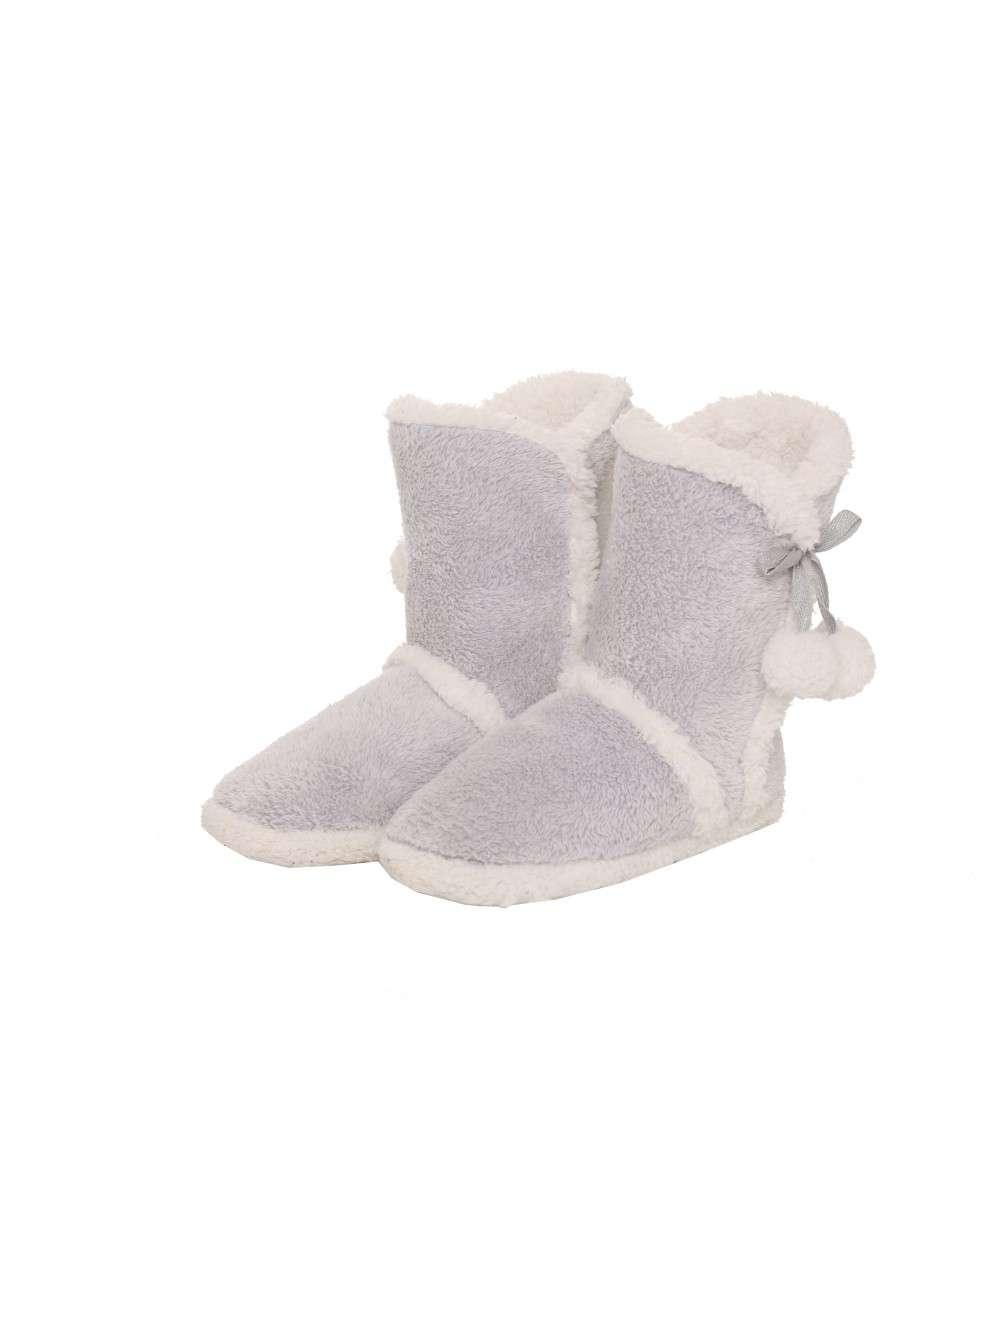 CHOUCHOU boots